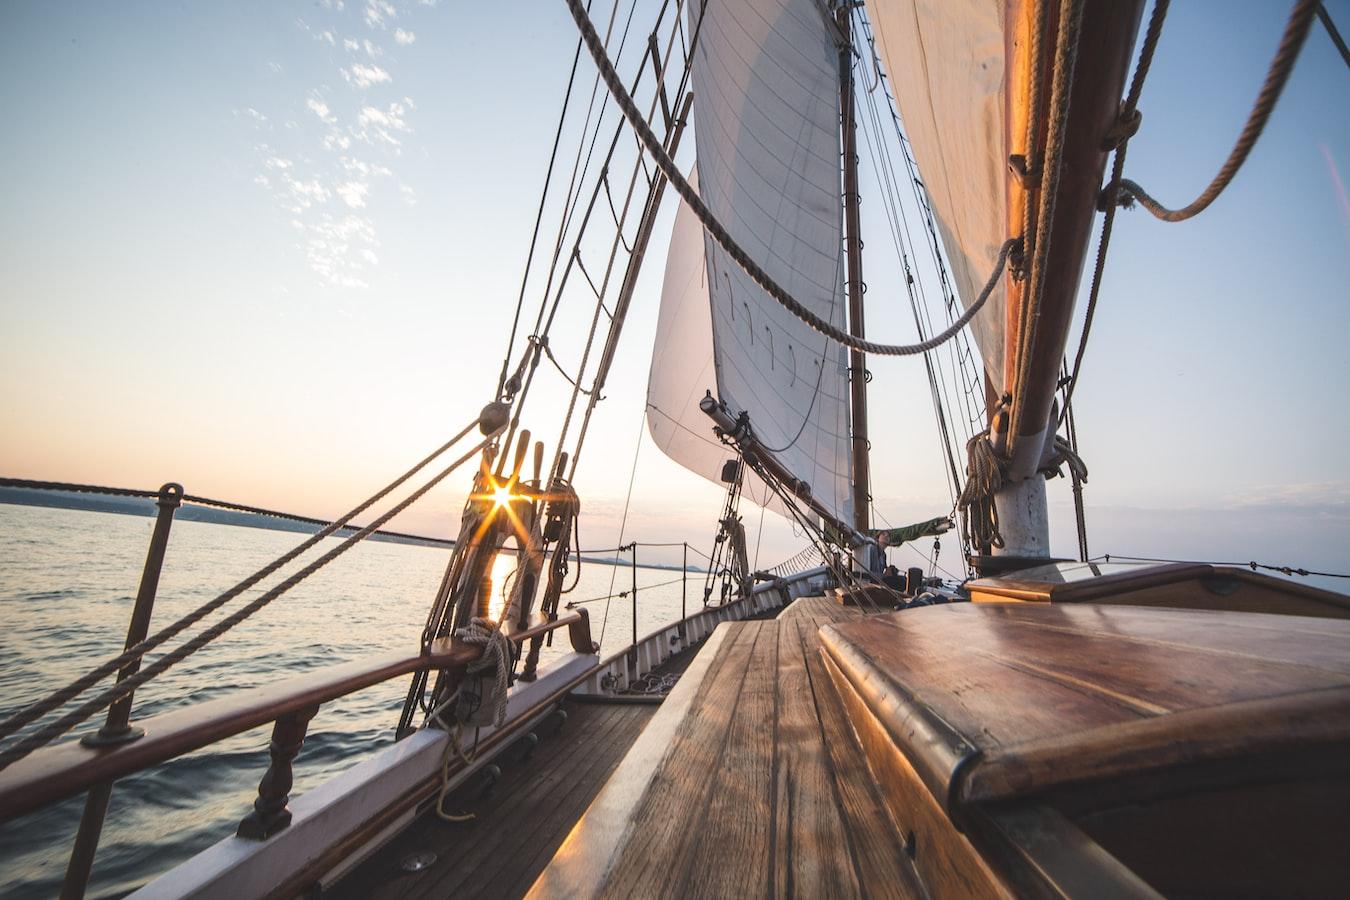 Zorgeloos genieten op zeilboot op zee